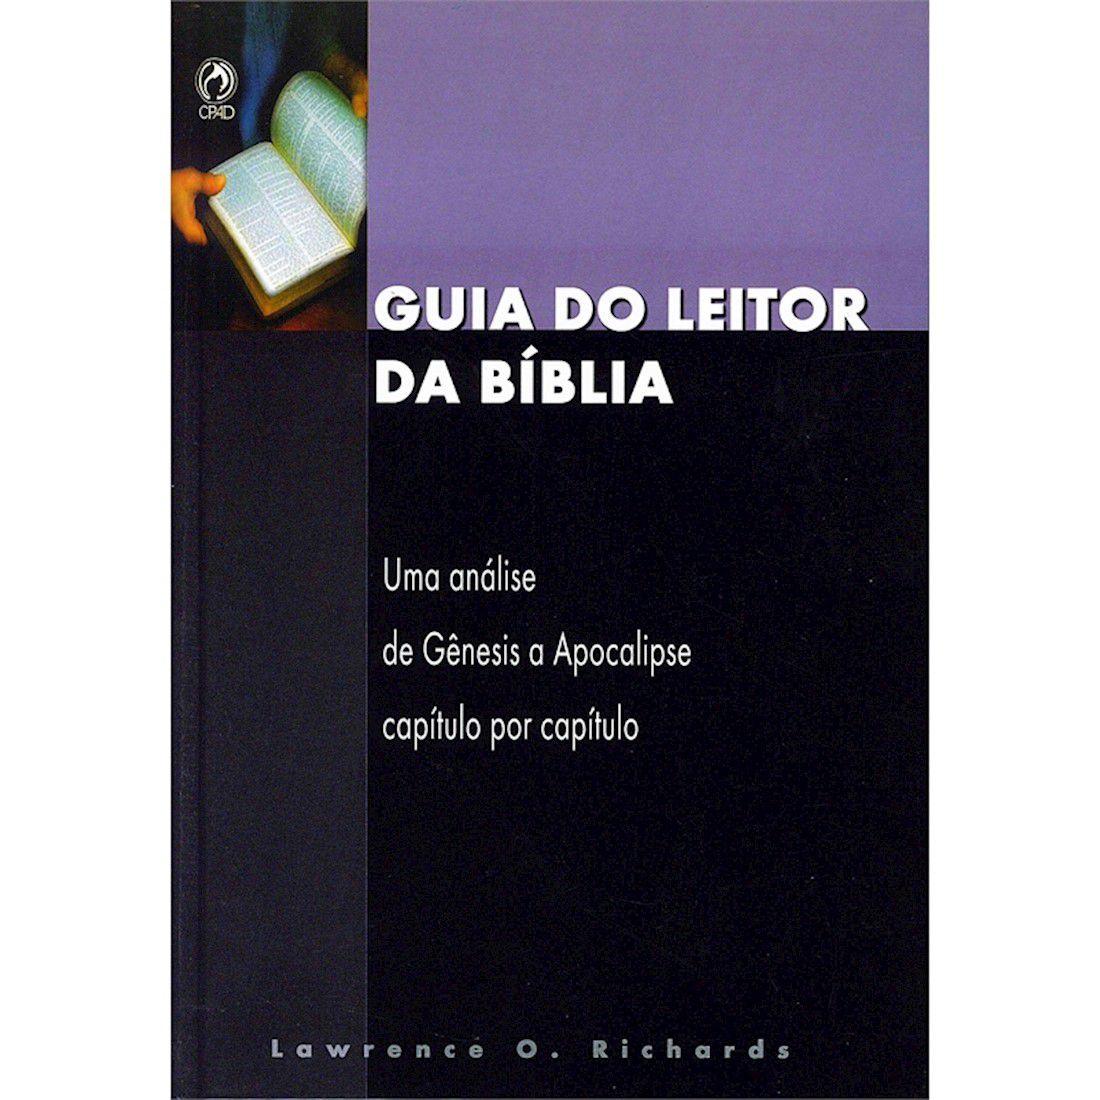 Livro Guia do Leitor da Bíblia